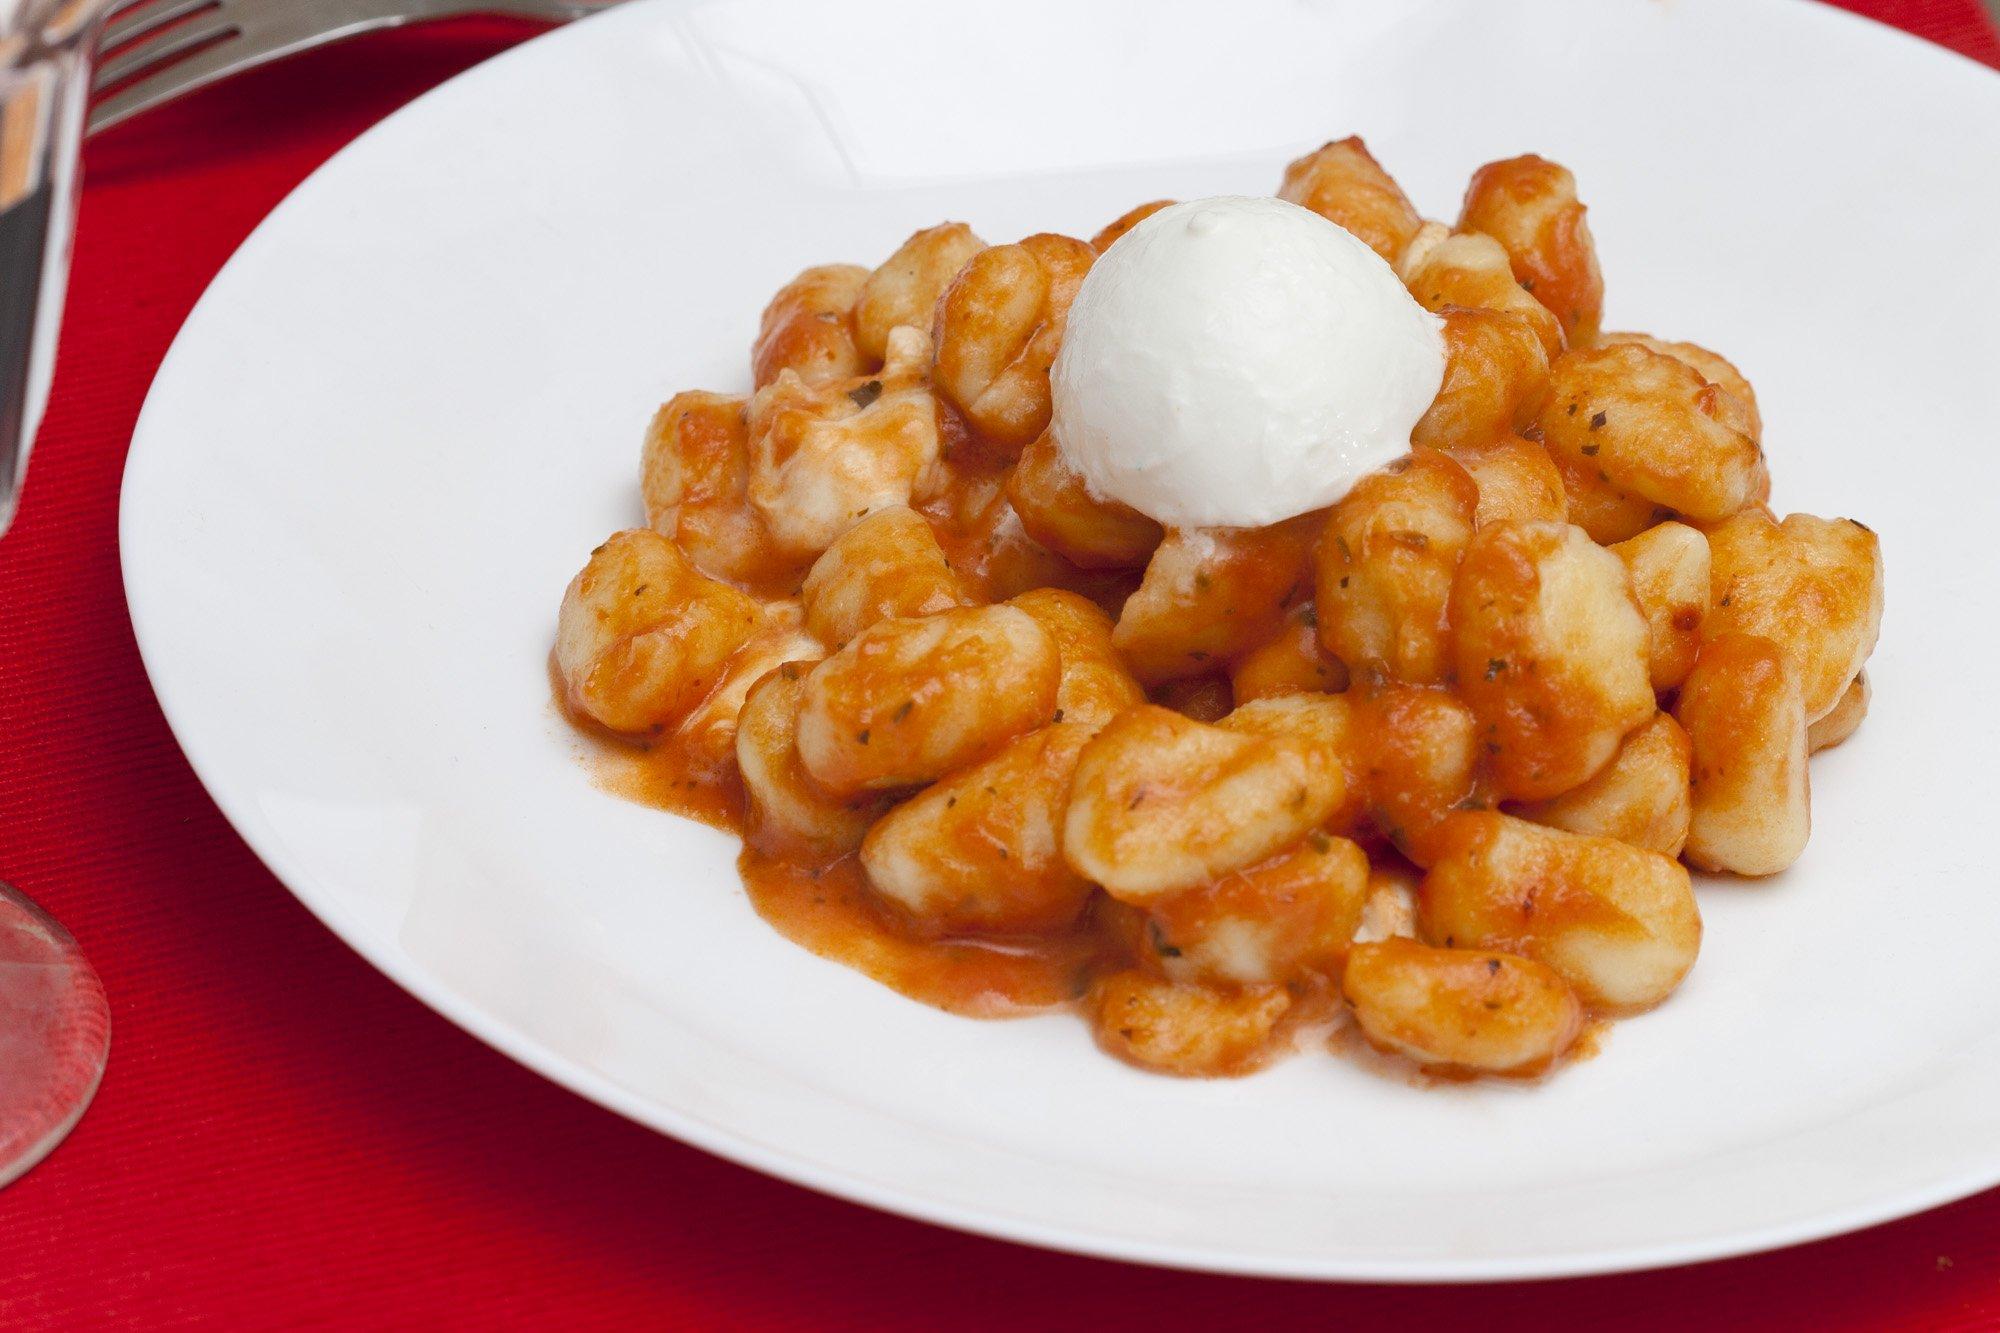 Ricetta Gnocchi Sugo E Mozzarella.Gnocchi Con Pomodoro E Mozzarella Di Bufala Un Primo Tradizionale Facile E Veloce